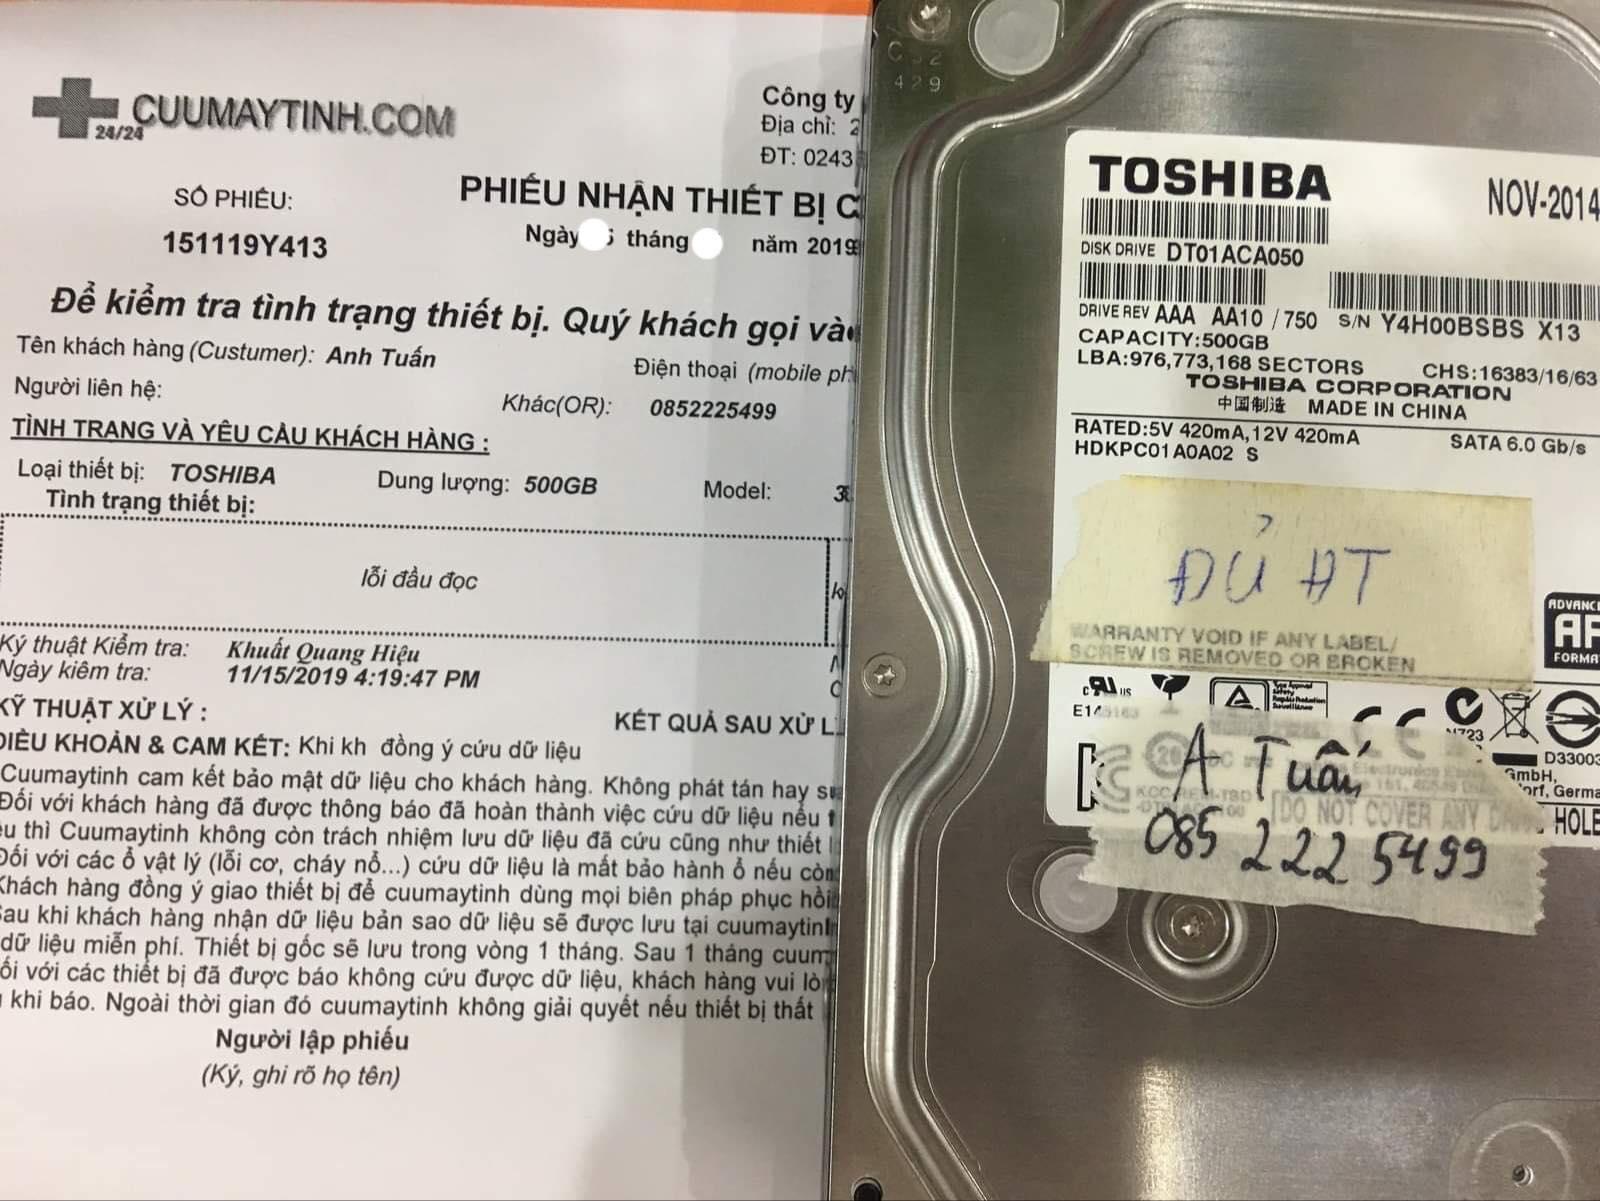 Cứu dữ liệu ổ cứng Toshiba 500GB lỗi đầu đọc 11/12/2019 - cuumaytinh